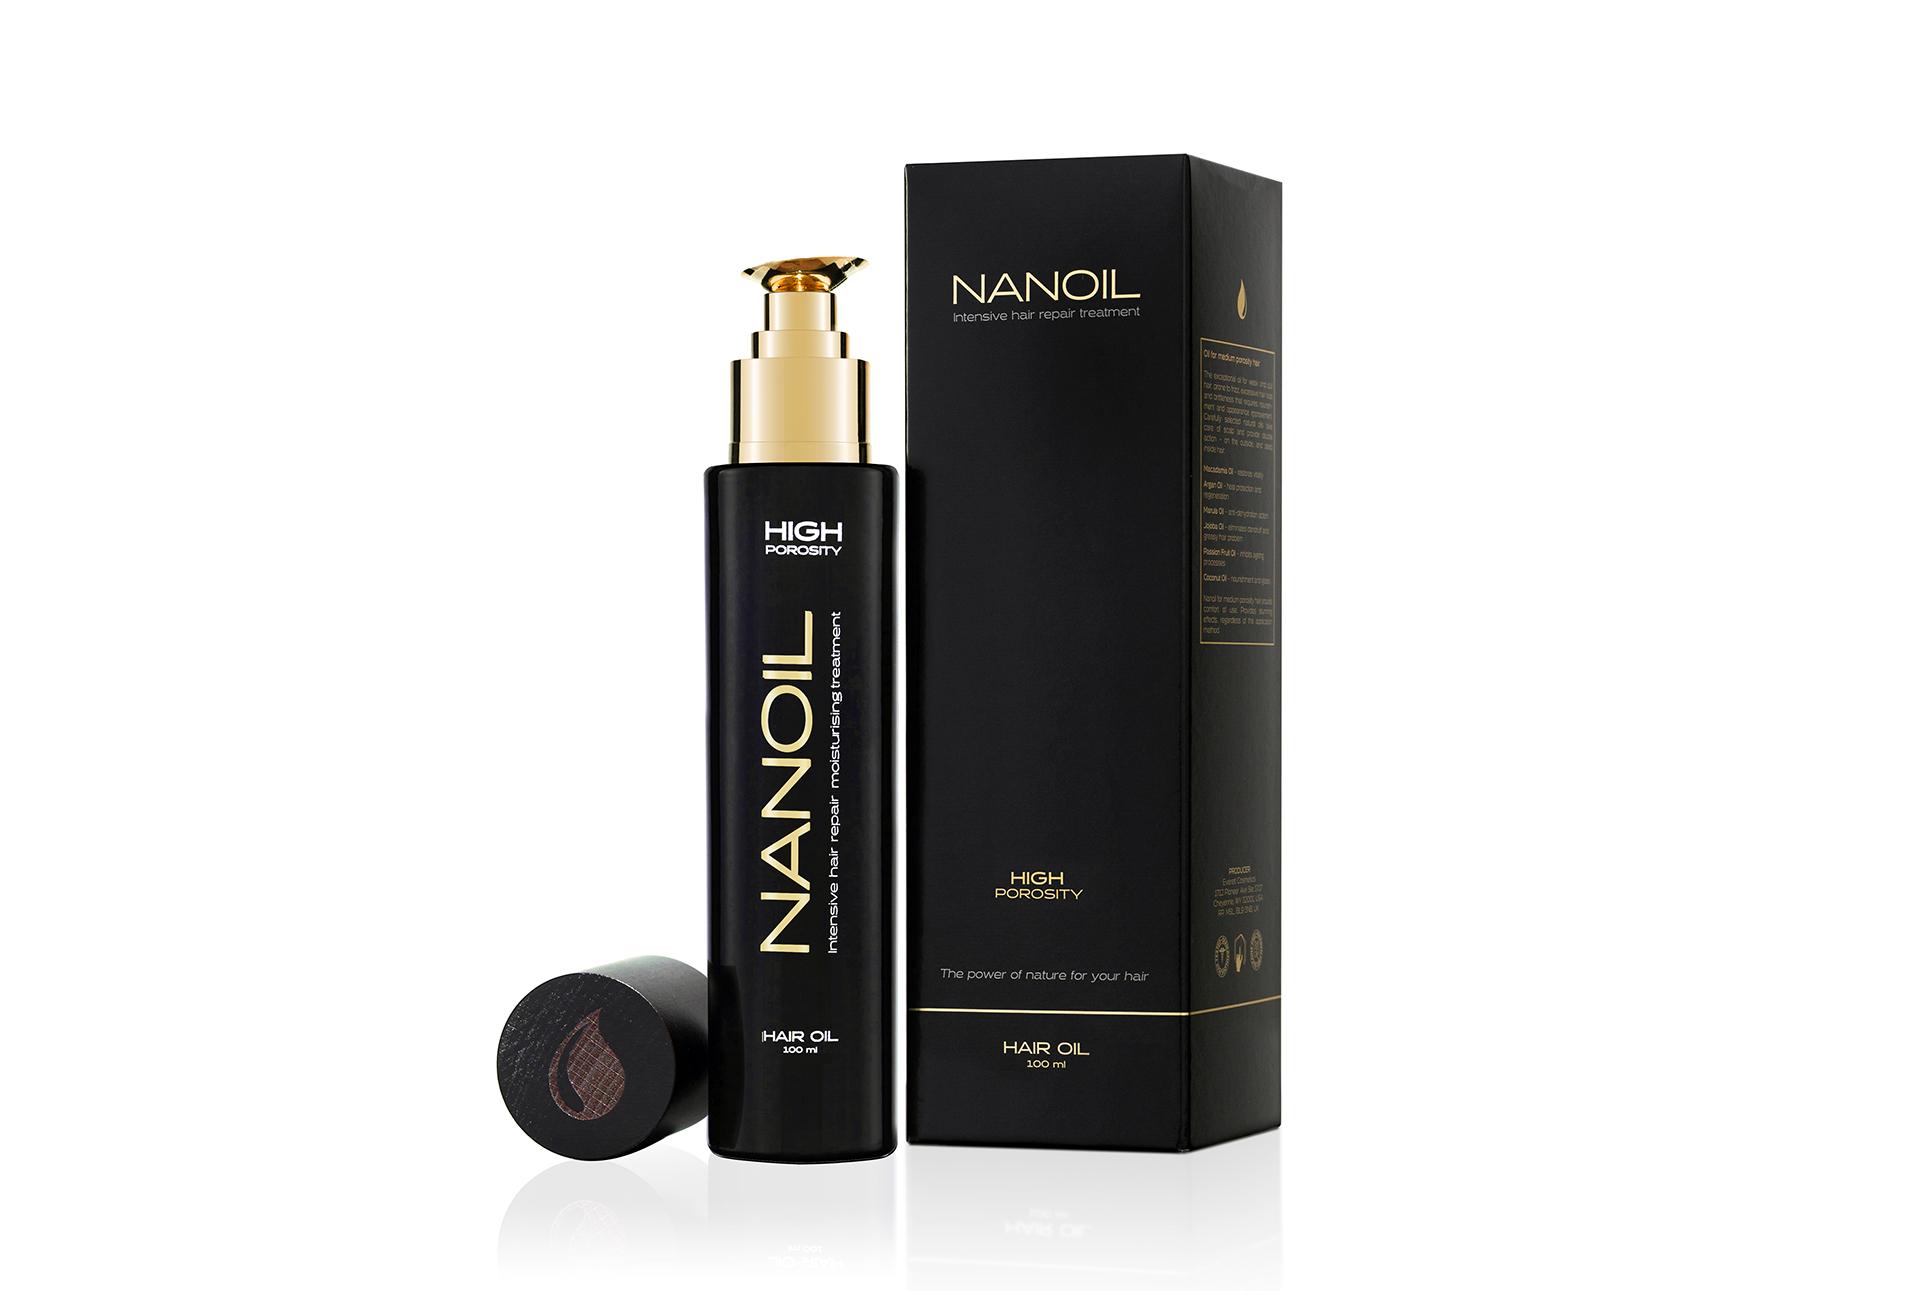 φροντίστε τα μαλλιά με Nanoil